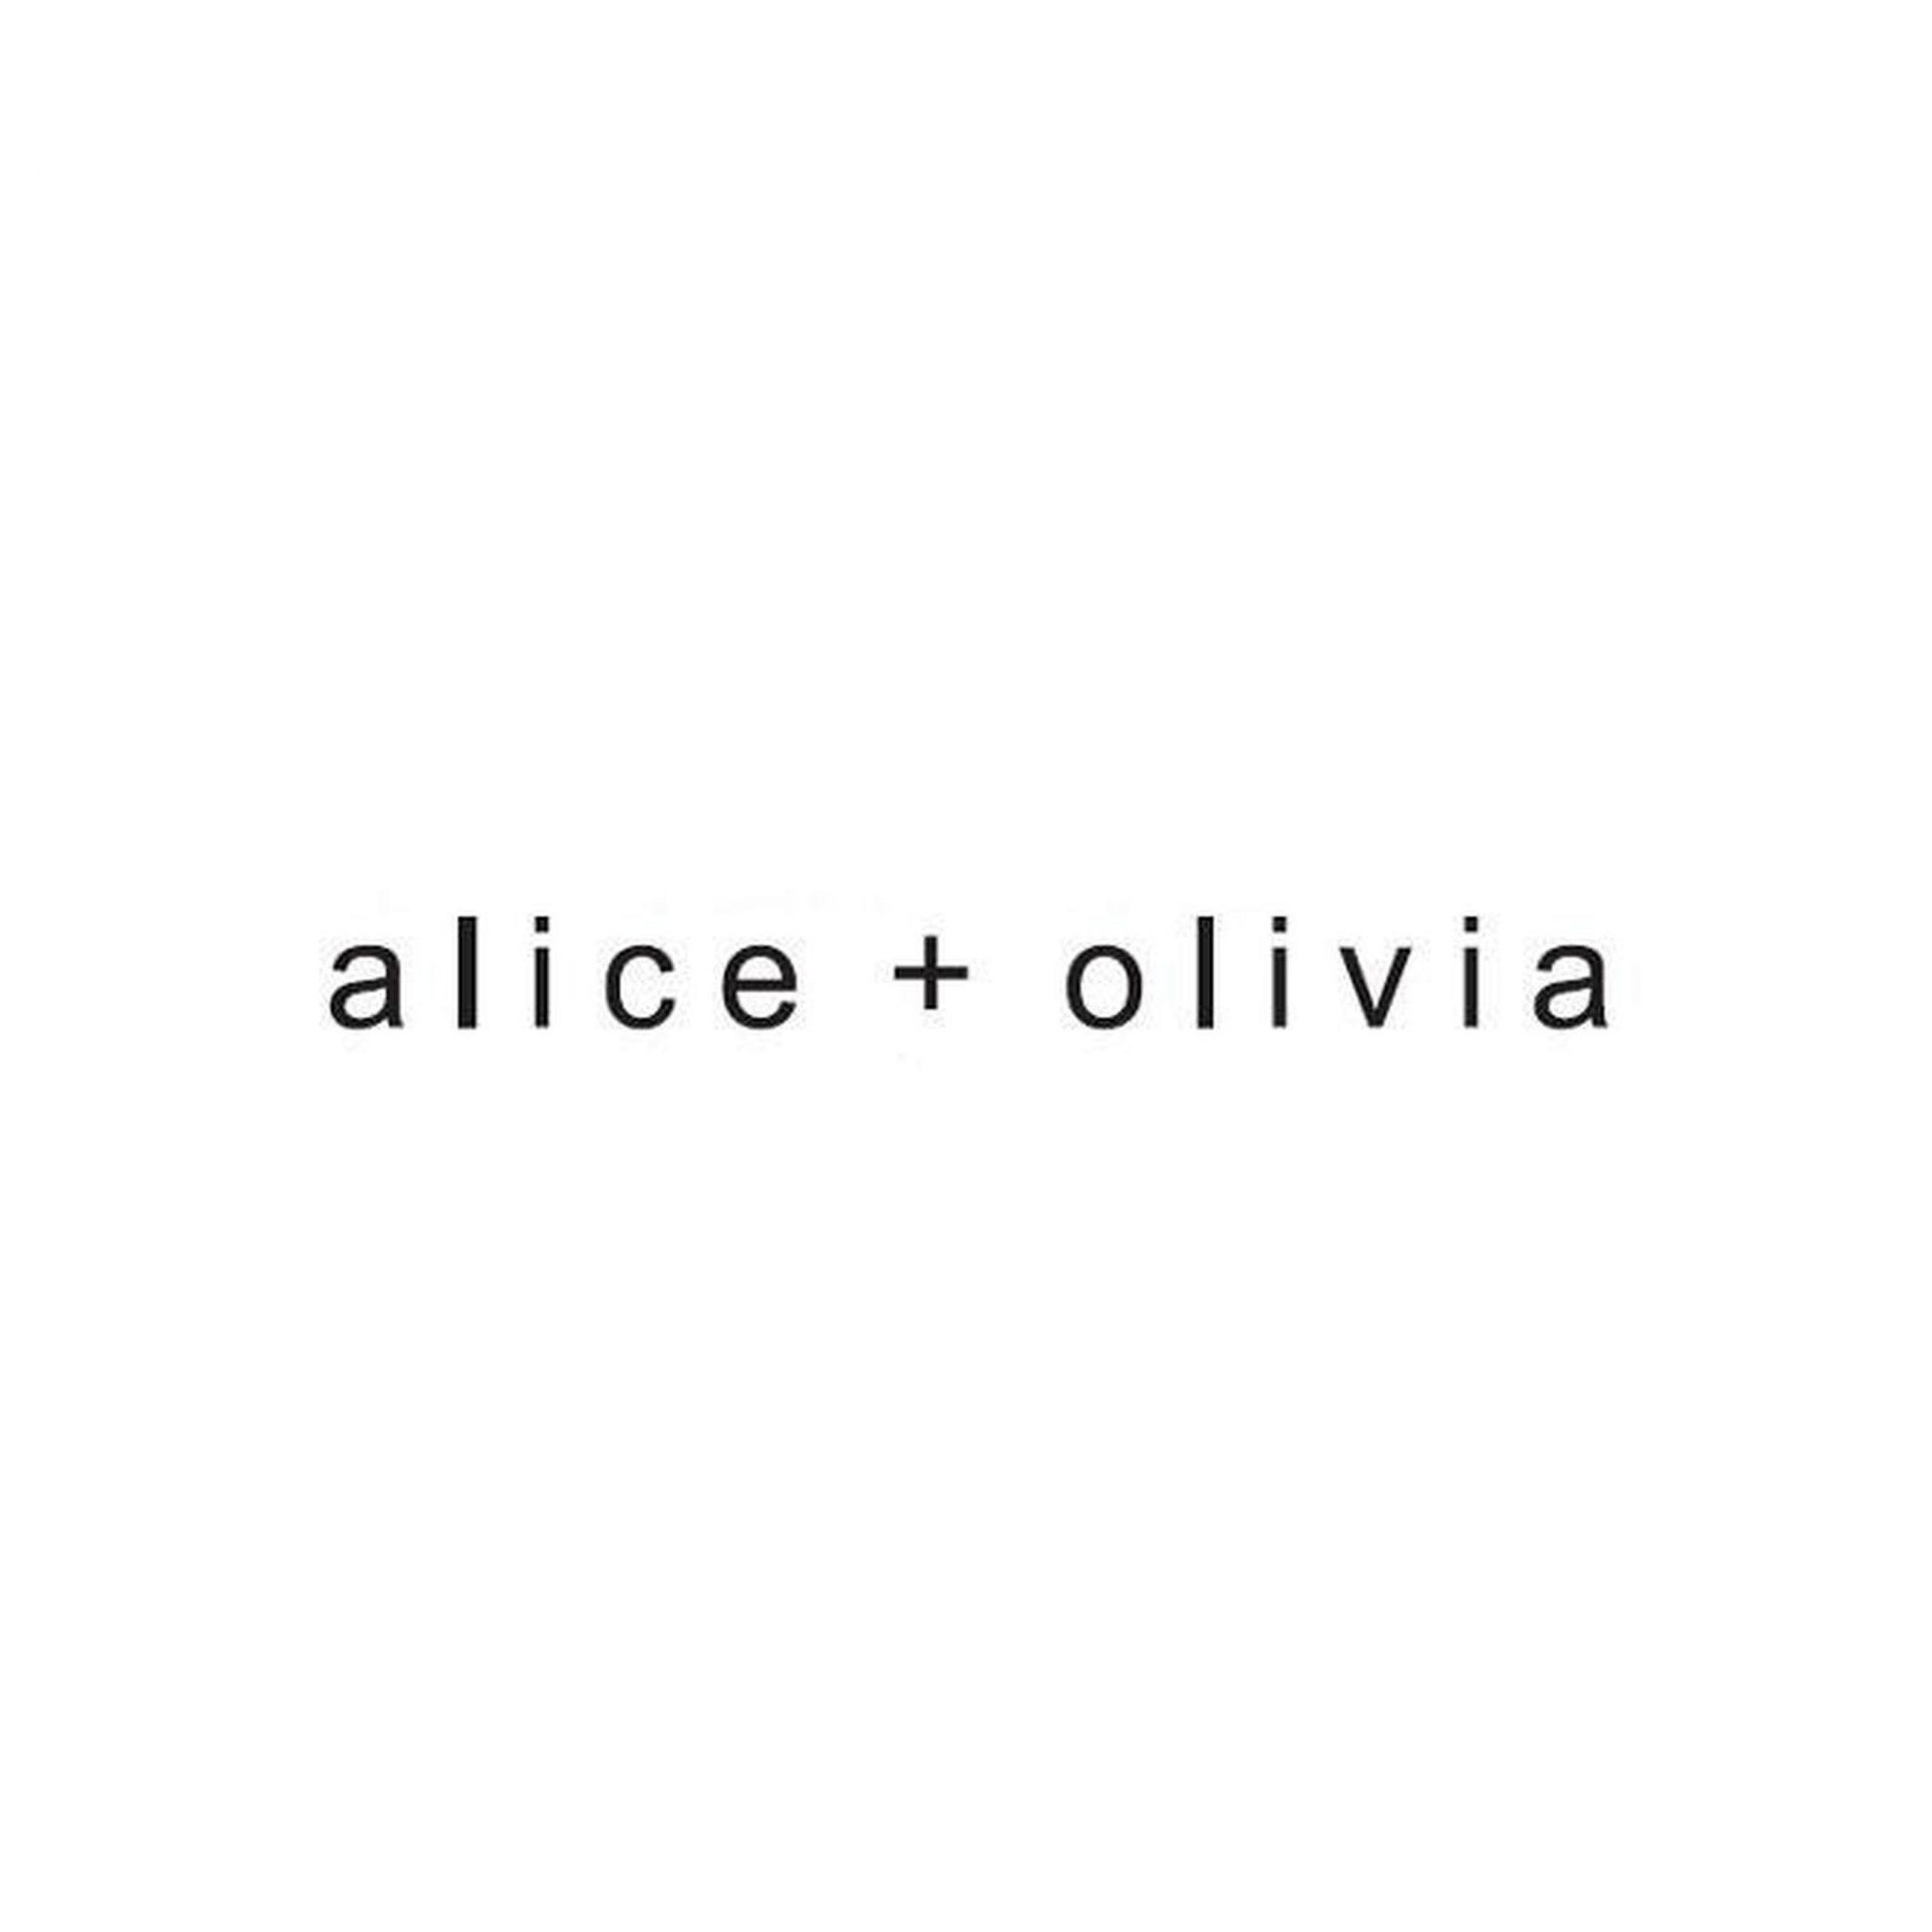 Logo_aliceolivia